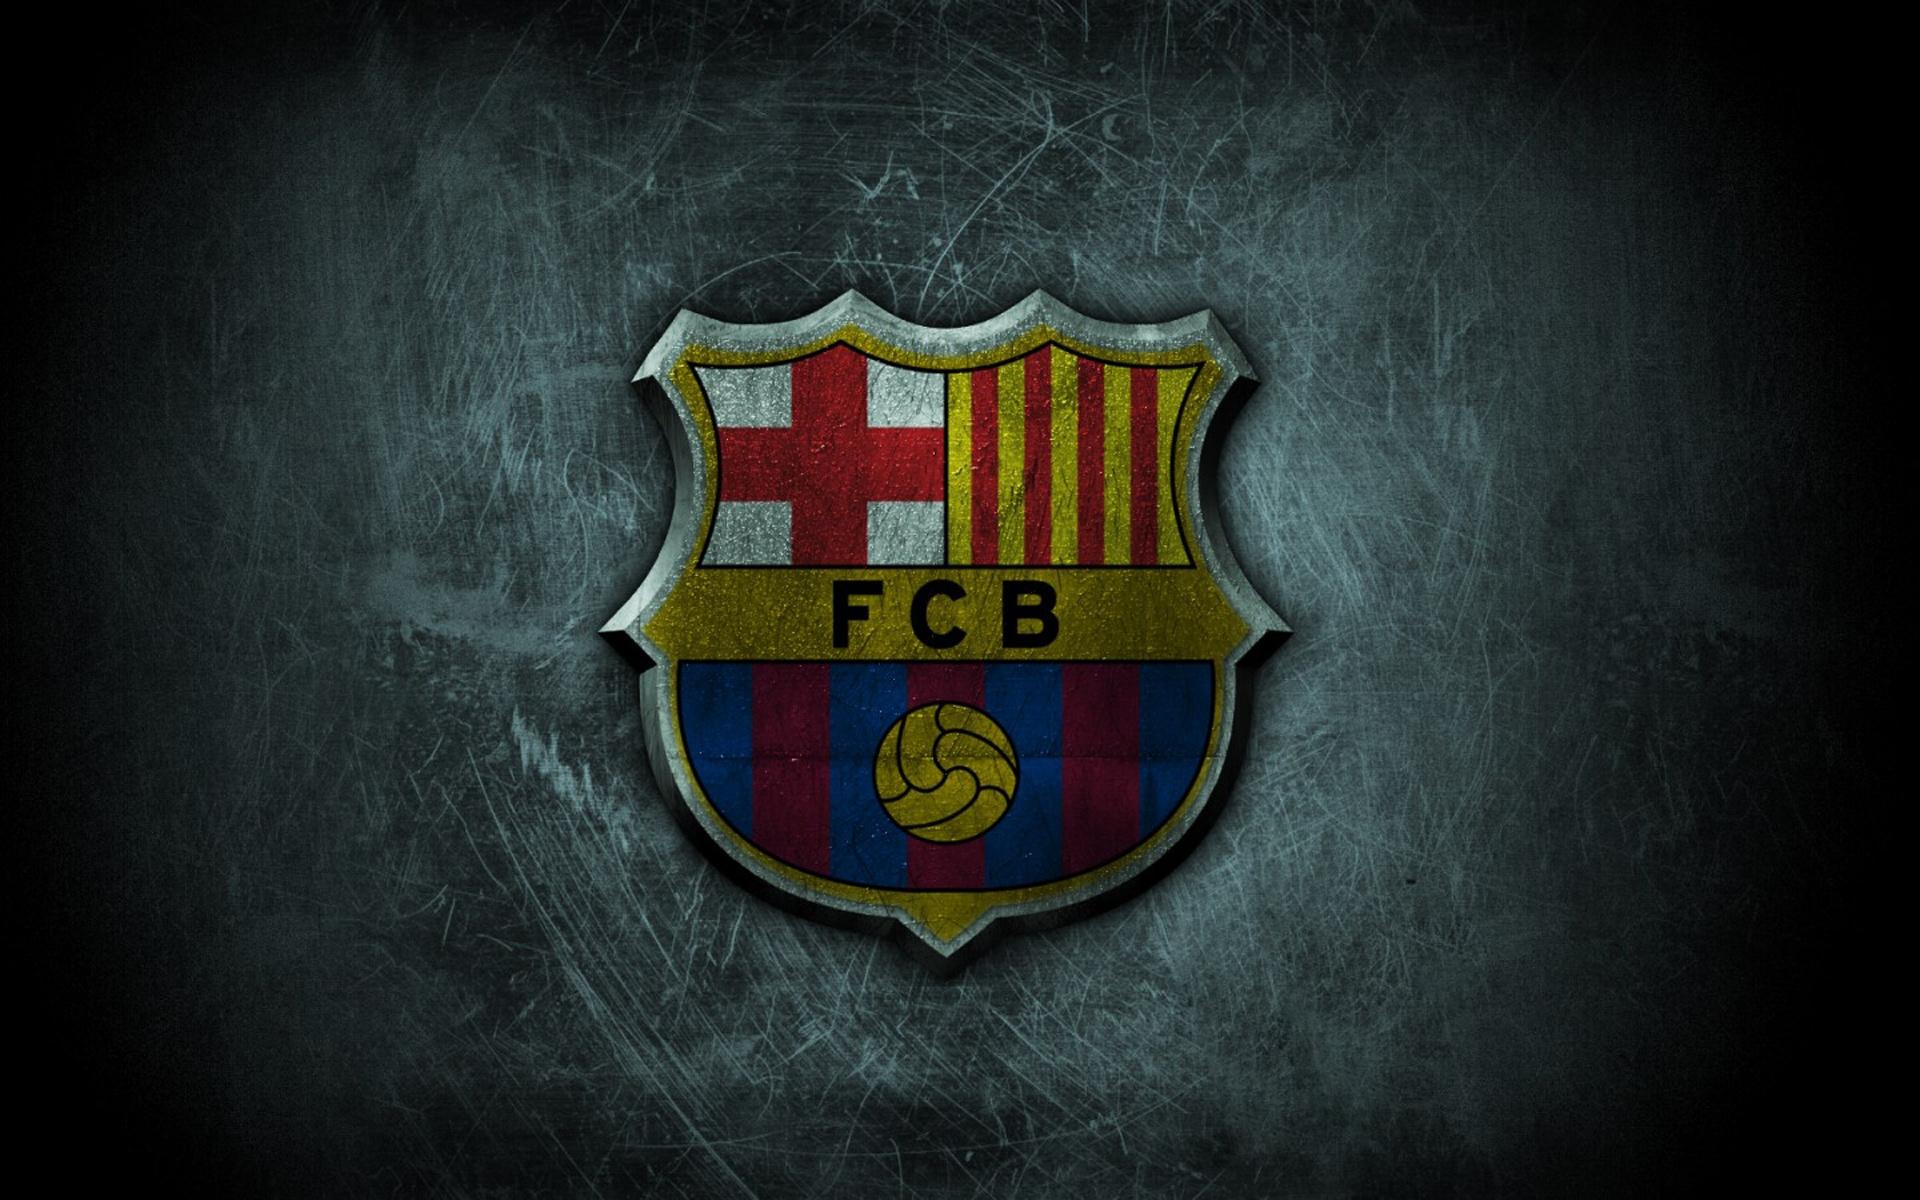 wallpaper hd escudo FC Barcelona en marmol Wallpaper Hd   Fondos 1920x1200